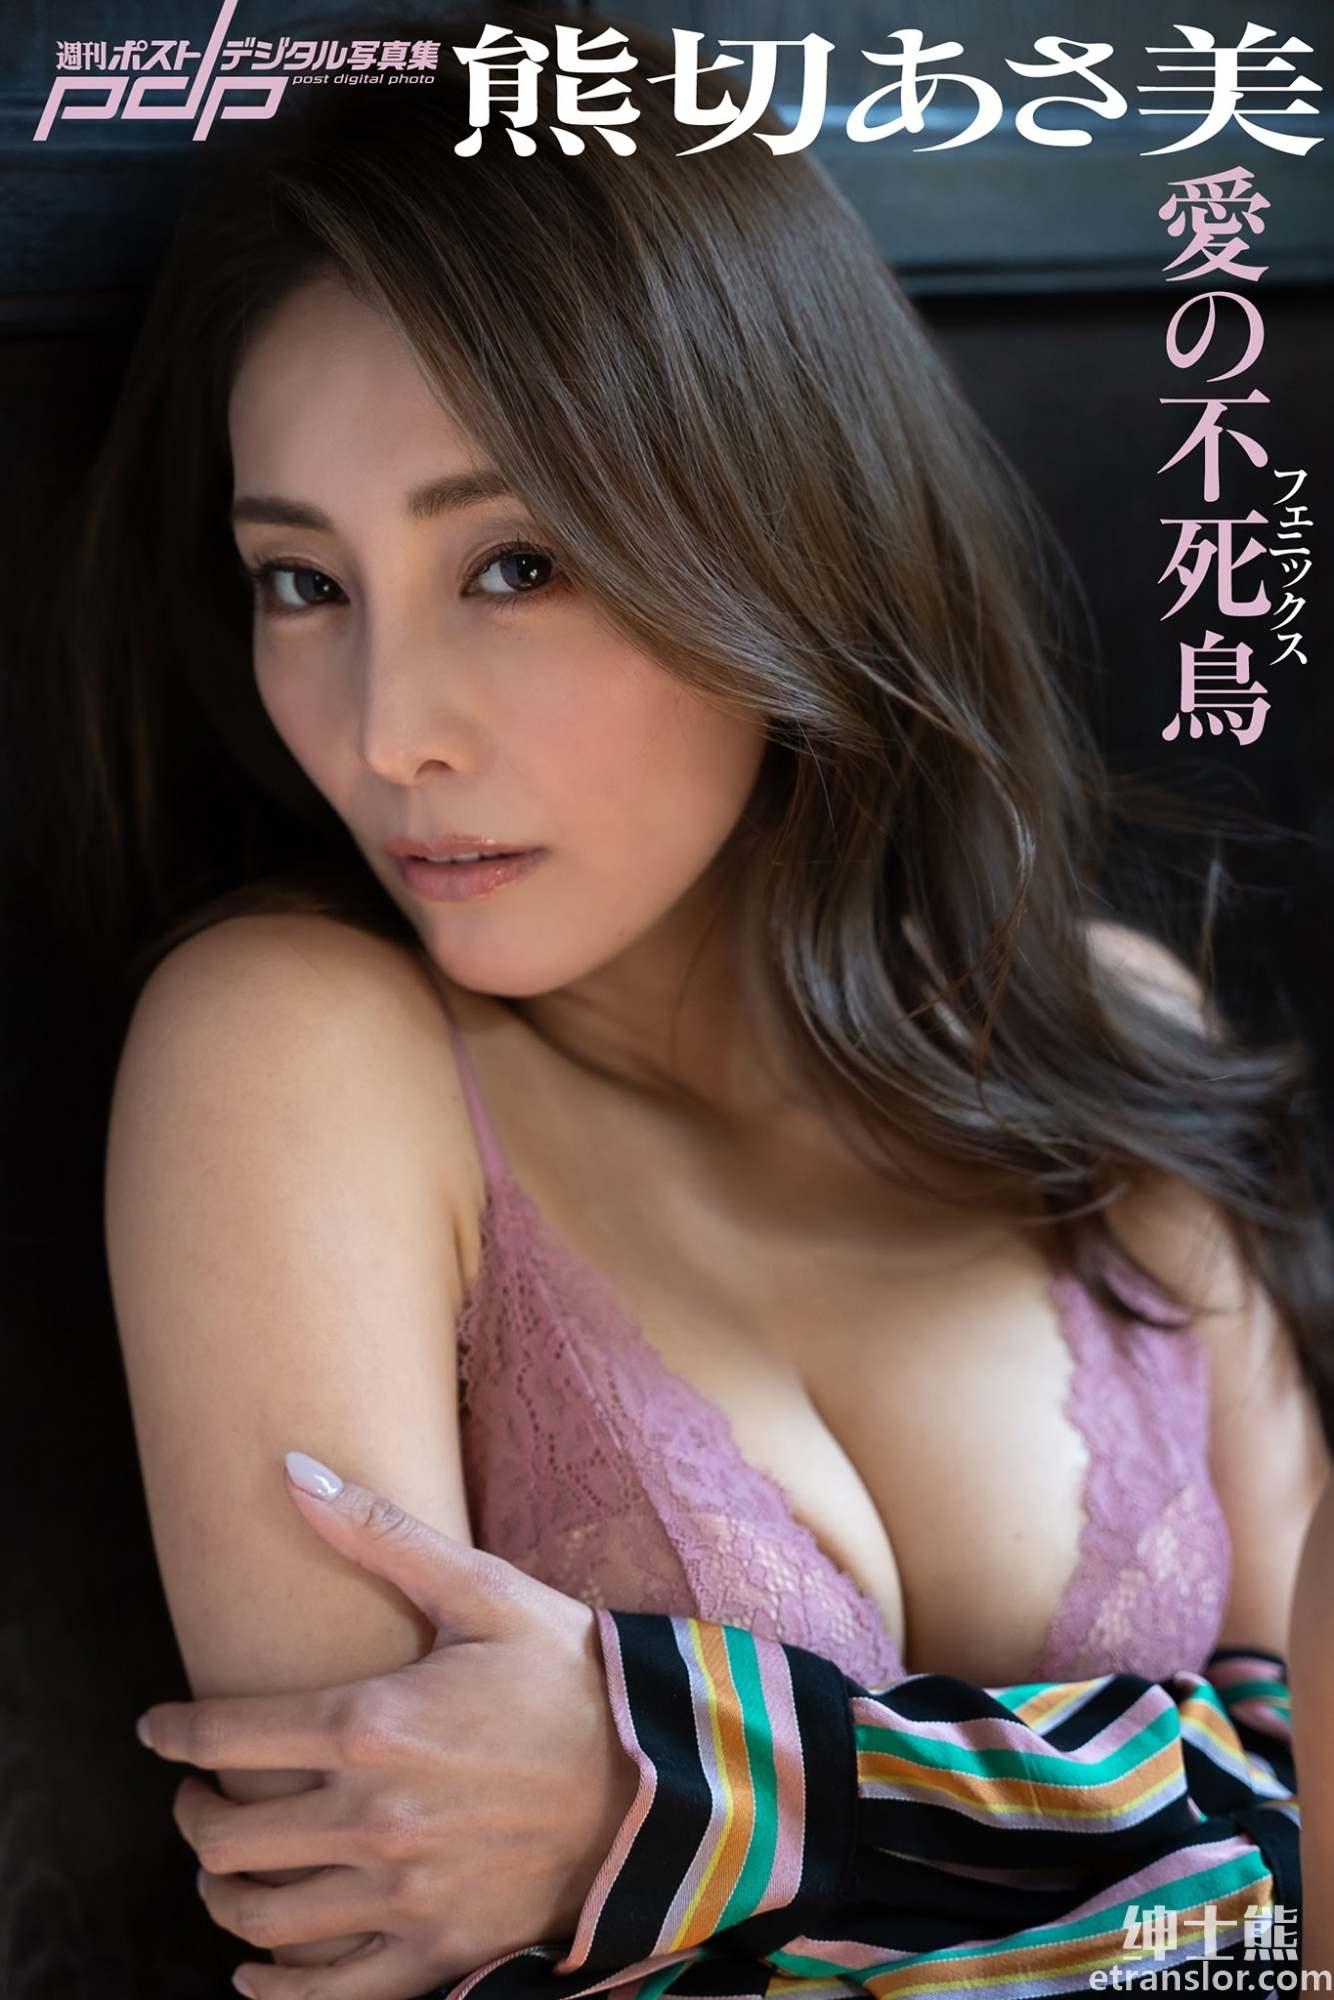 日本写真女星:熊切麻美、塩地美澄、熊田曜子三人组合岁月不改 养眼图片 第5张